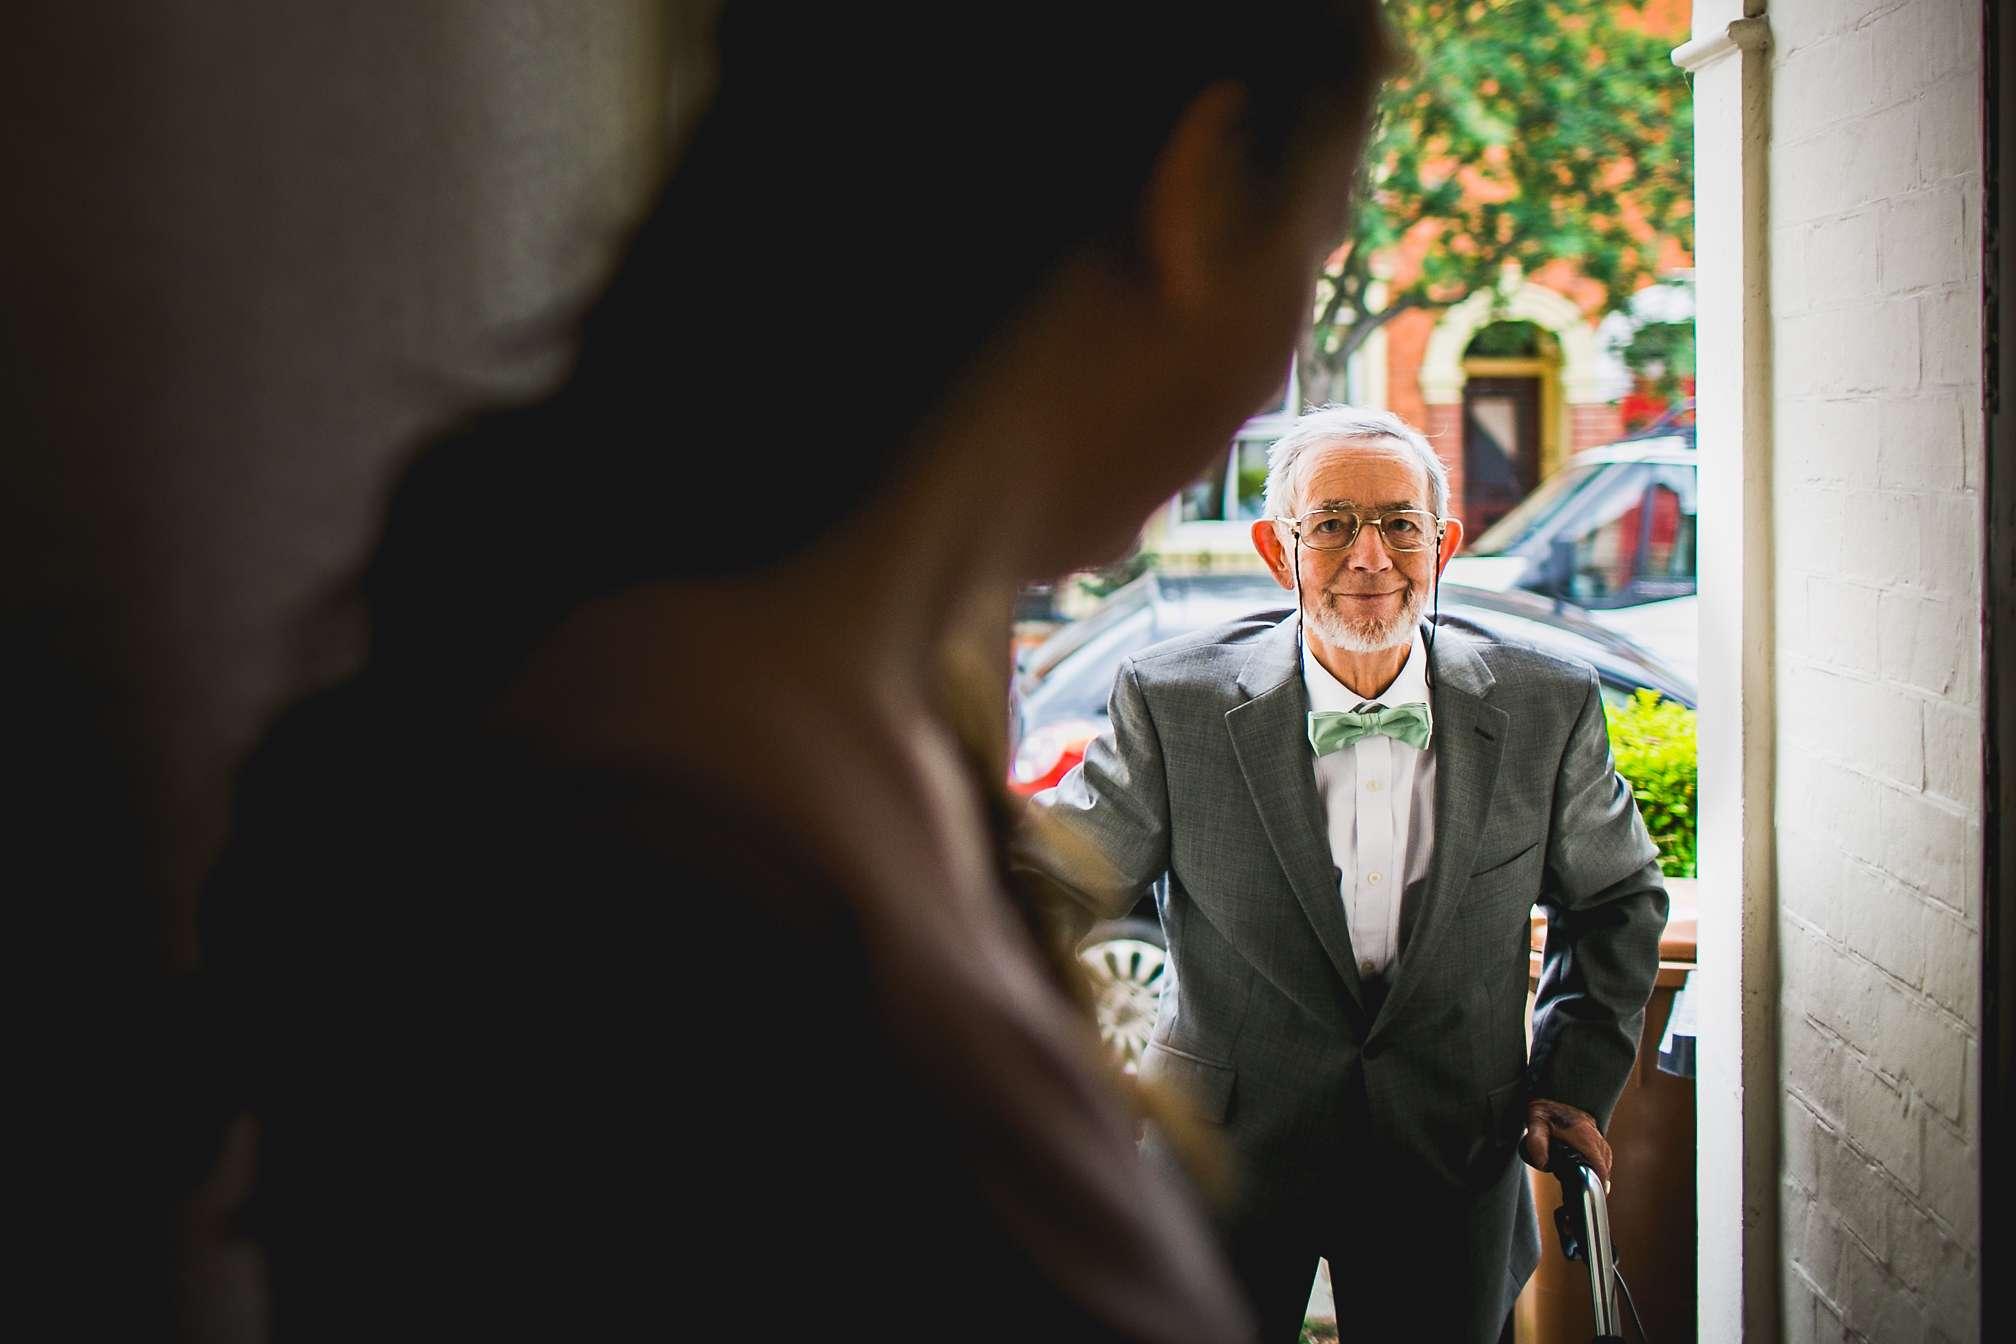 Rachel's Grandad arriving